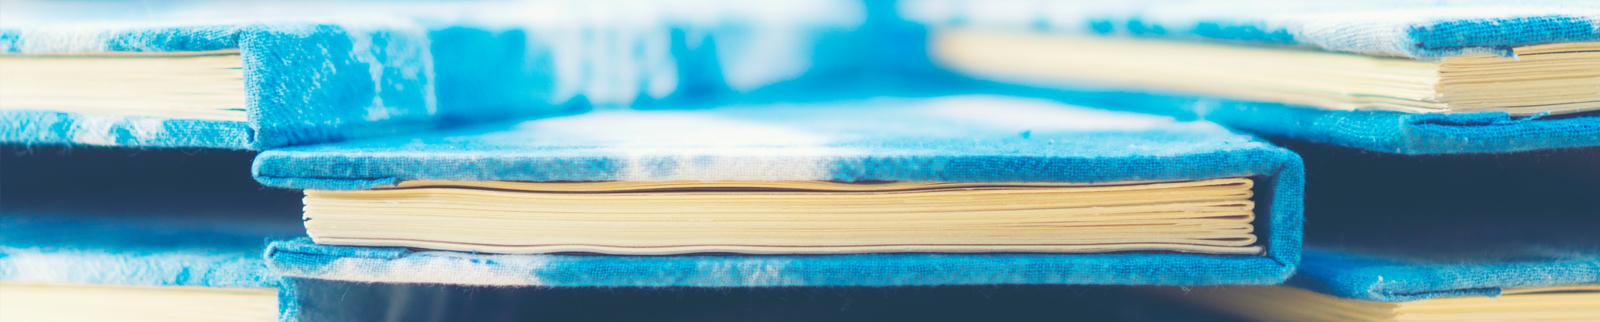 Boeken top